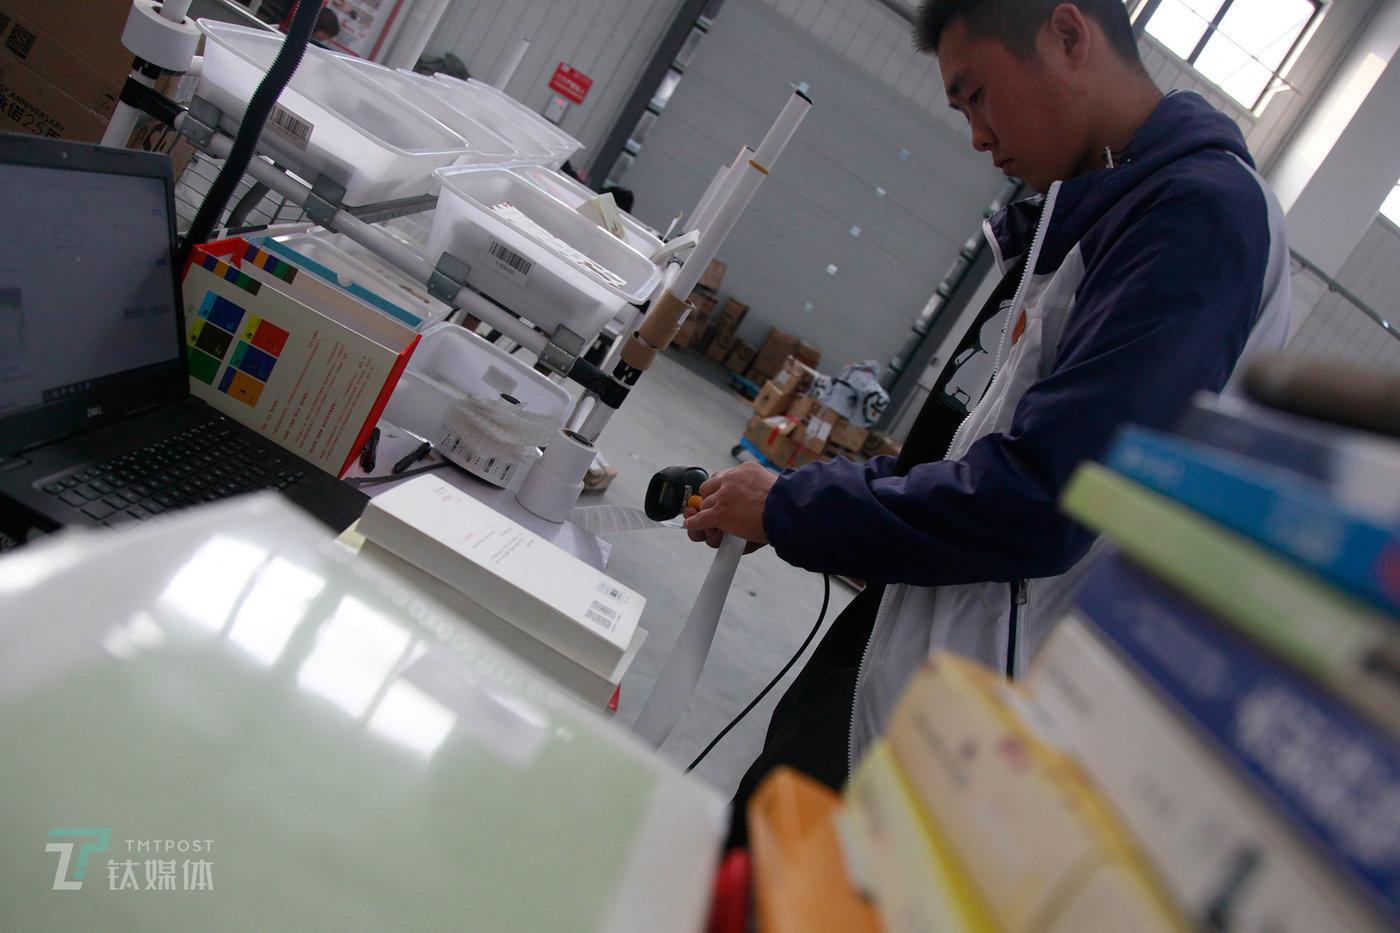 用户寄到多抓鱼工厂的书在拆包后,要经历的第一个环节就是在点货区贴抓码。